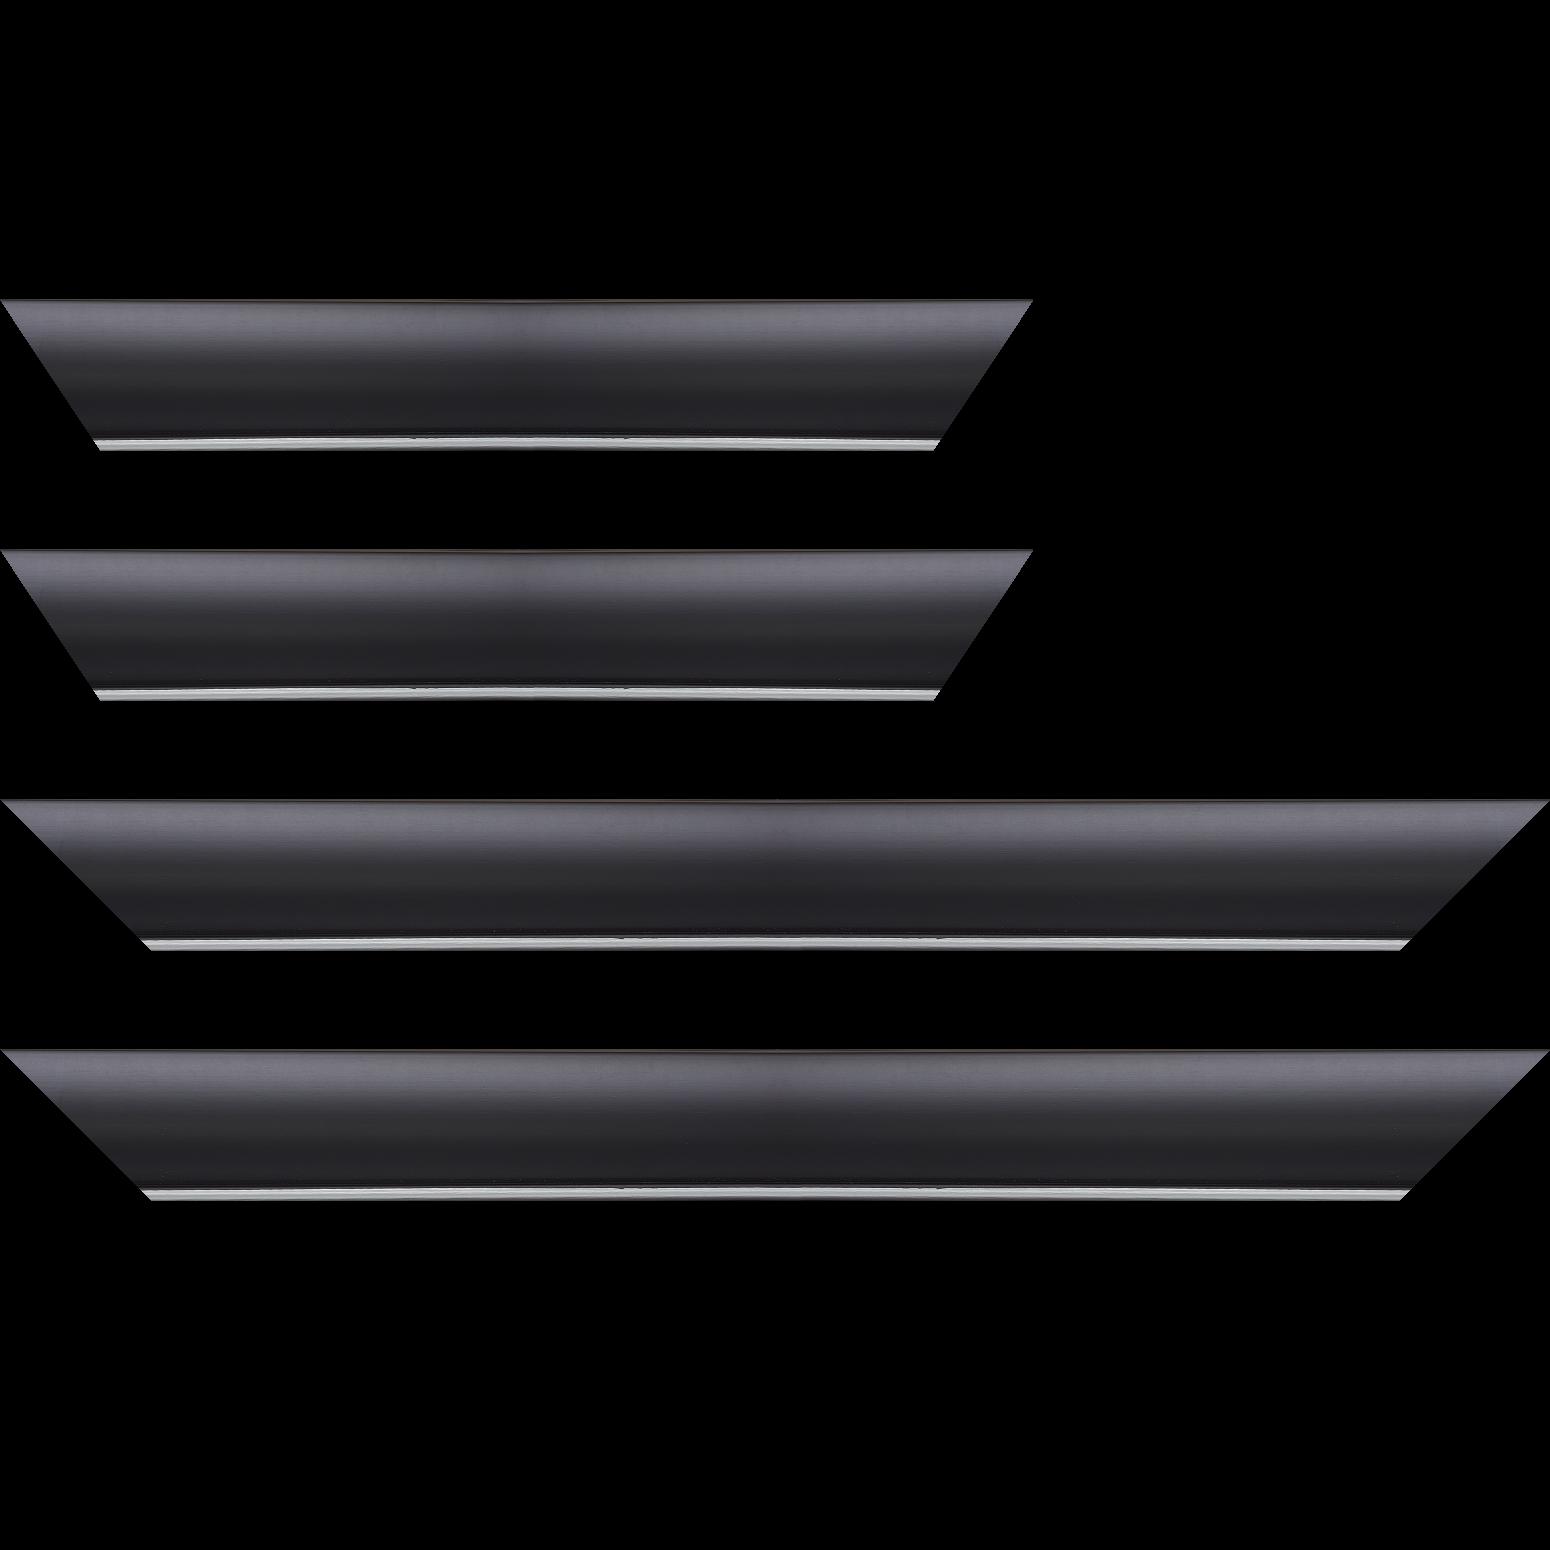 Baguette service précoupé Bois profil arrondi largeur 4.7cm couleur noir mat finition pore bouché filet argent mat contemporain